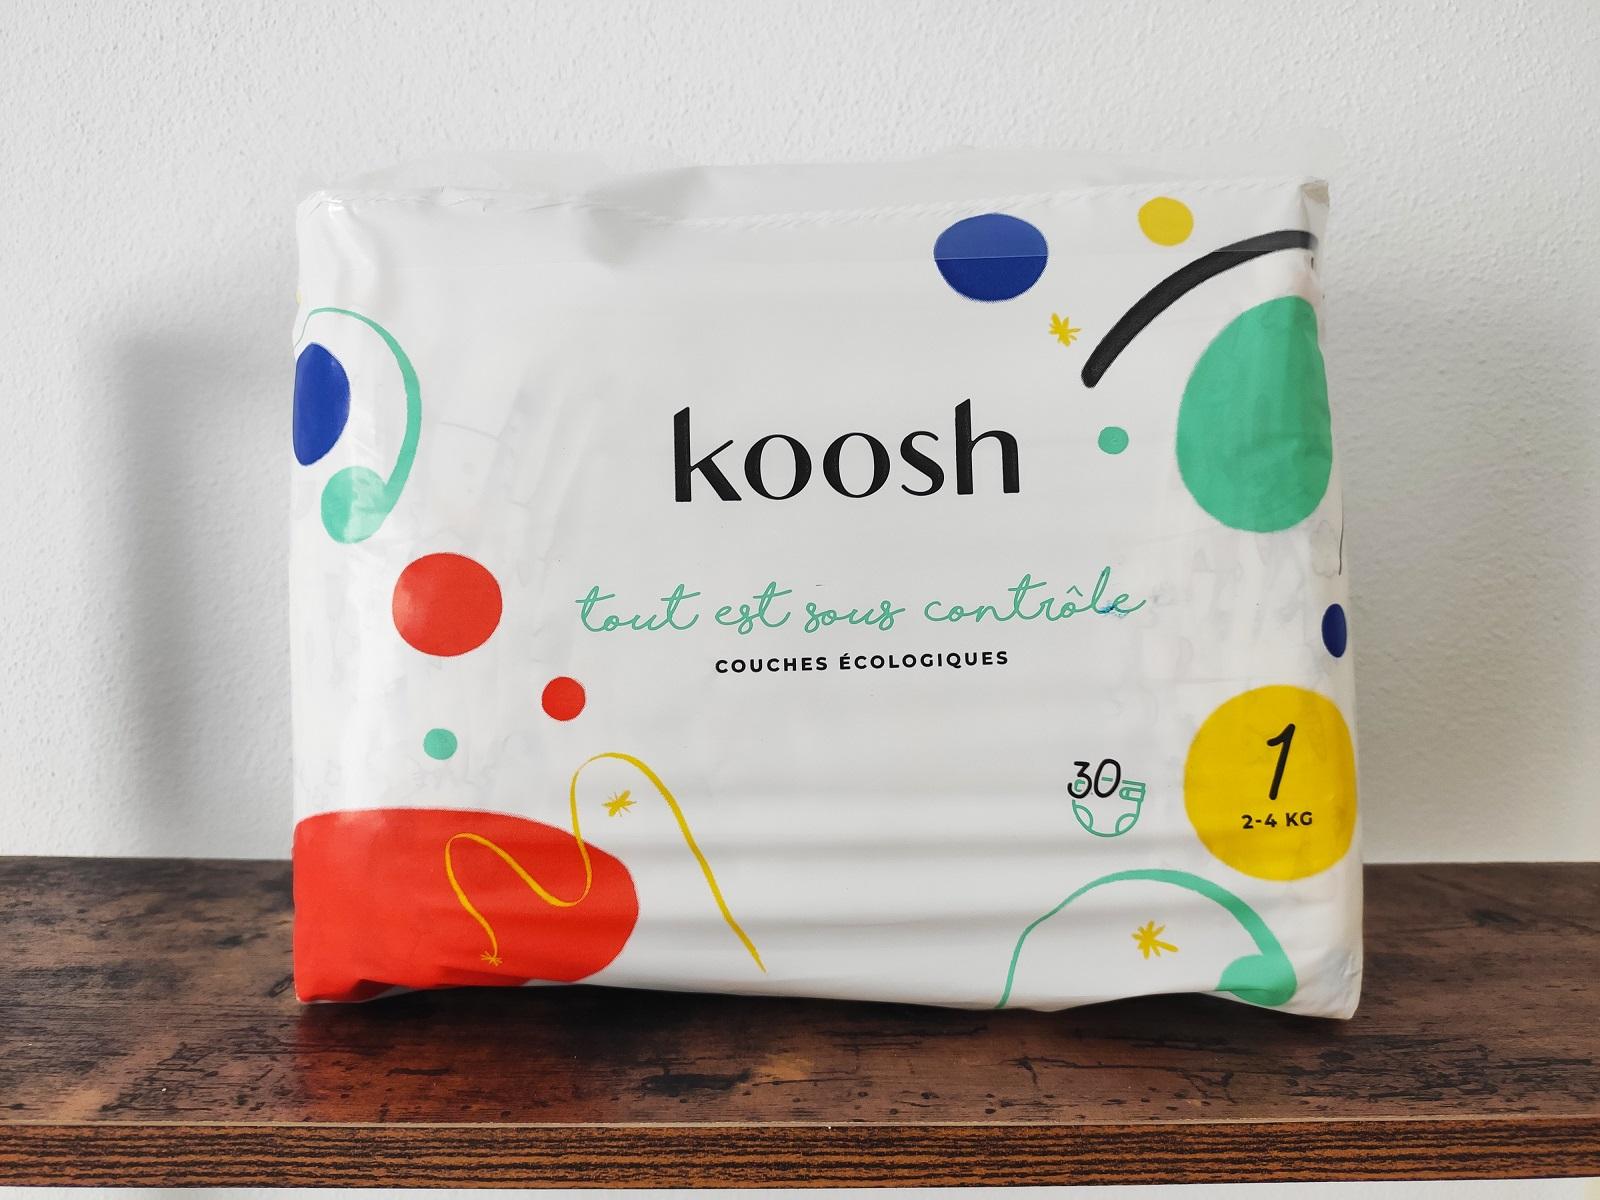 pañales ecológicos de Koosh